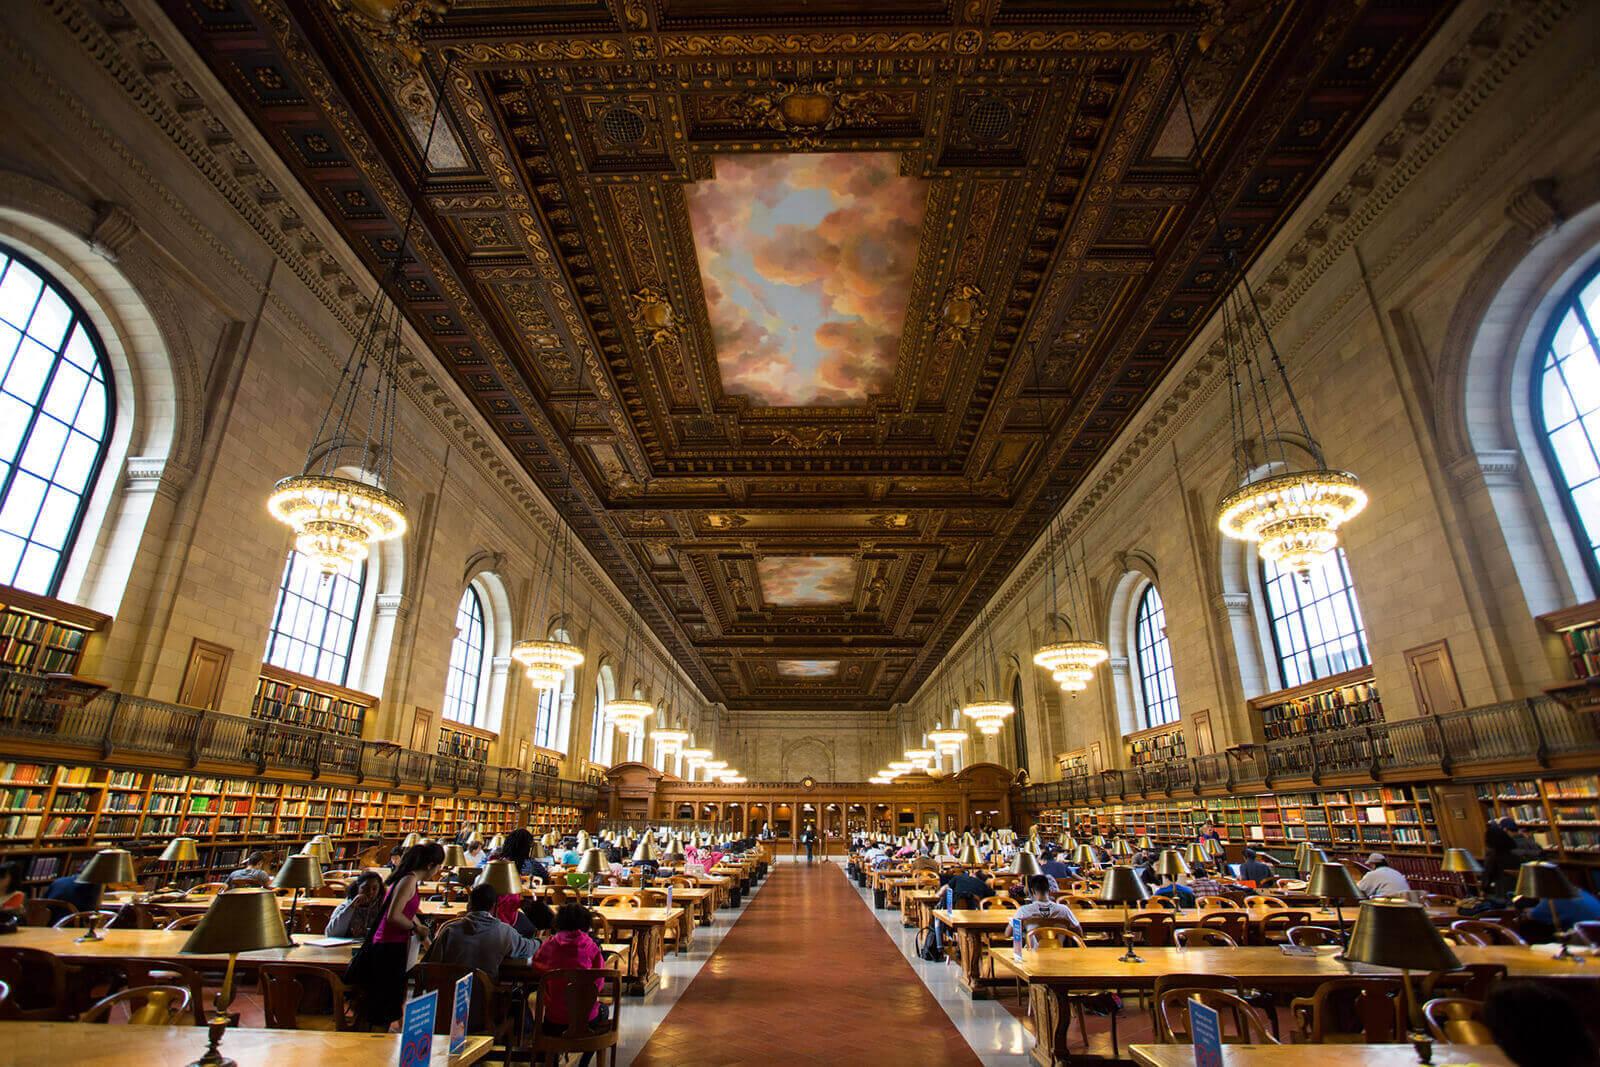 New York Public Library, New York City, NY